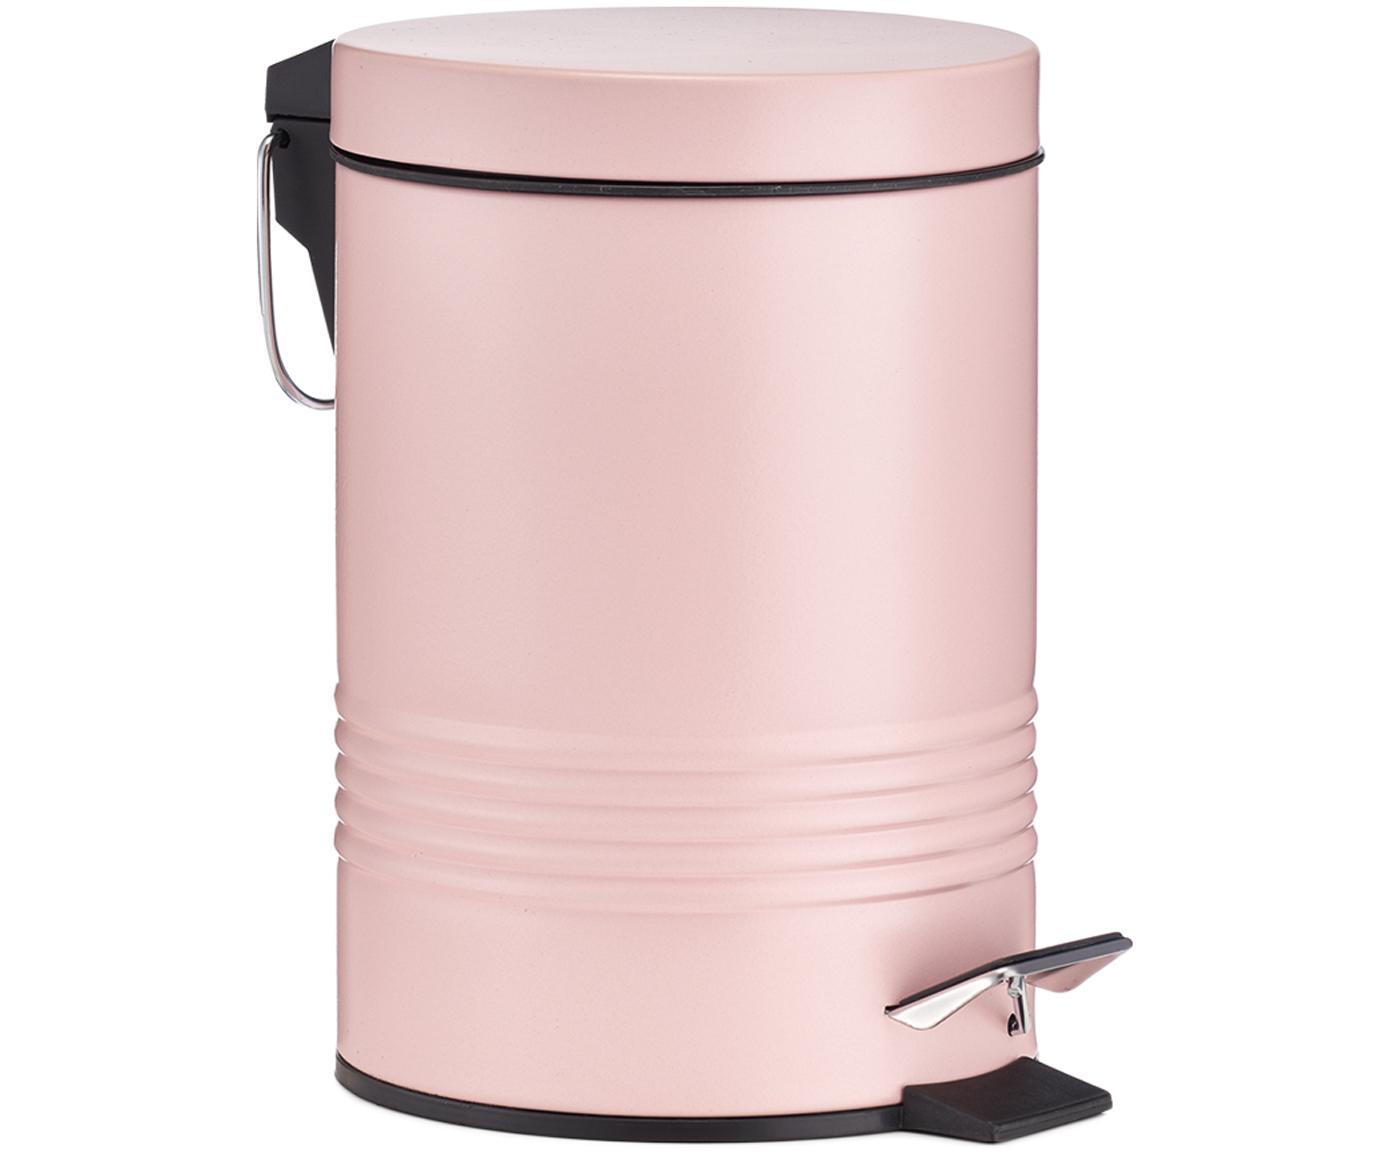 Afvalemmer Sam met pedaal-functie, Roze, Ø 16 x H 25 cm